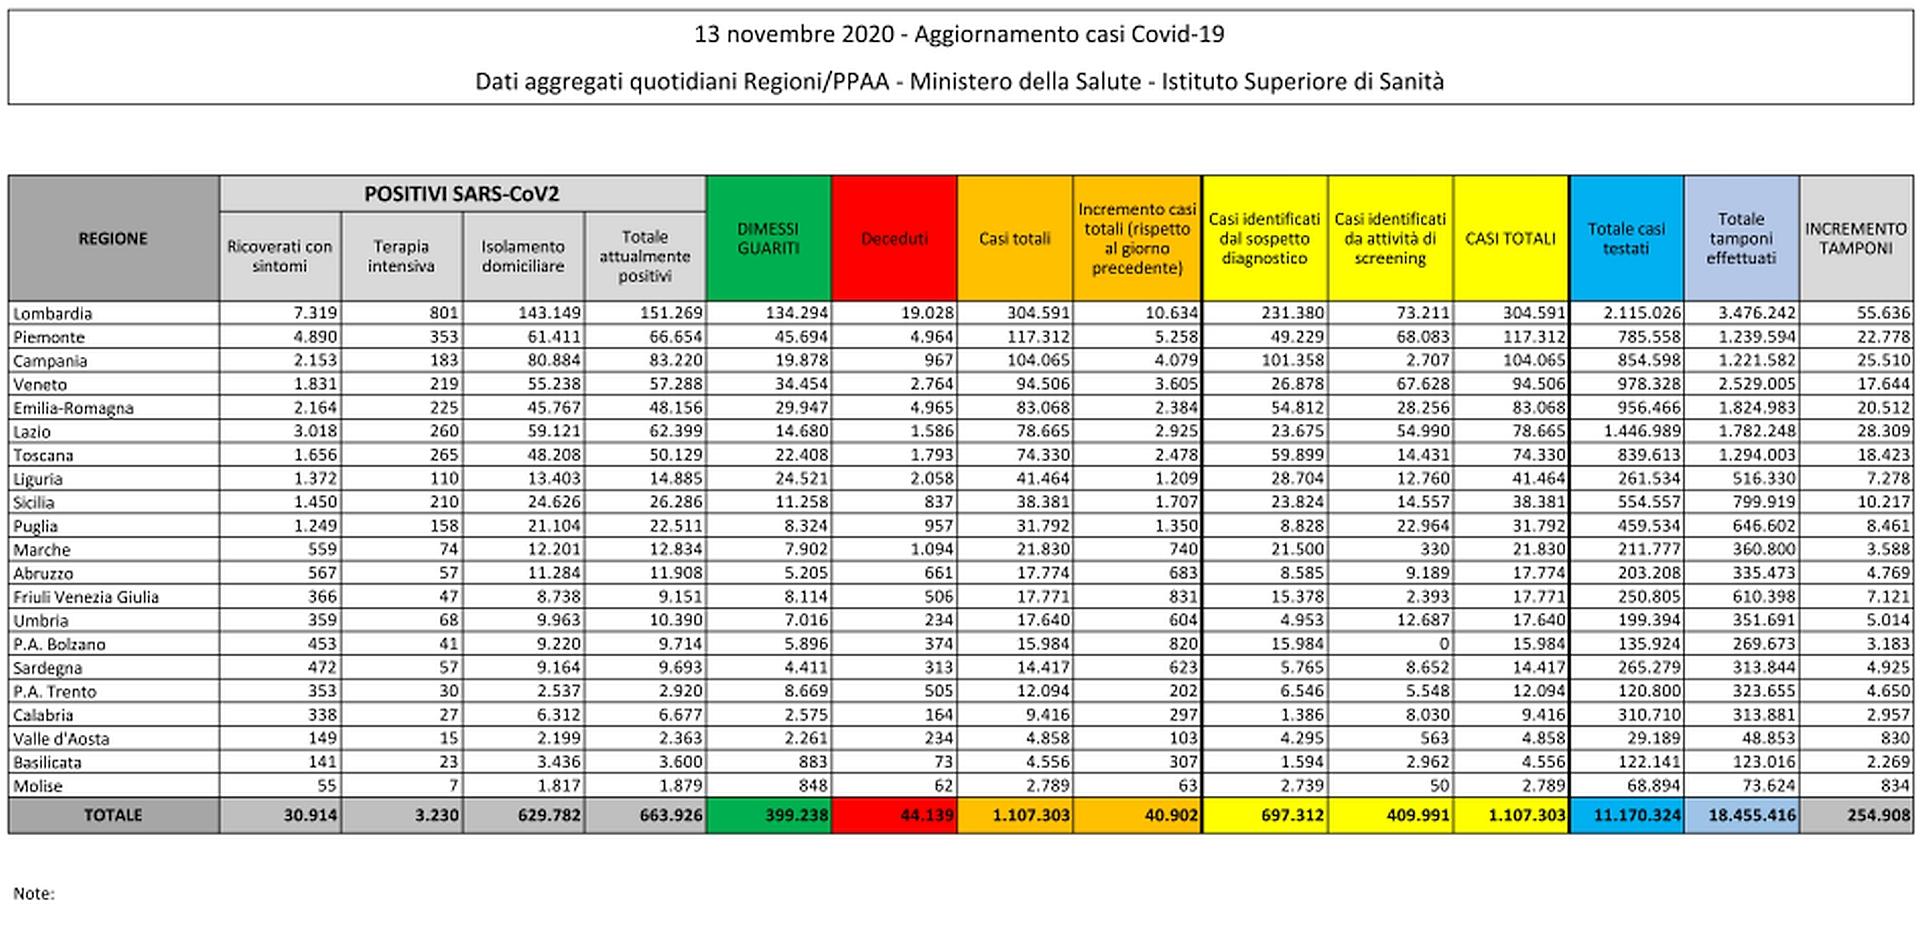 13 novembre 2020 - Aggiornamento casi Covid-19 Dati aggregati quotidiani Regioni/PPAA - Ministero della Salute - Istituto Superiore di Sanità